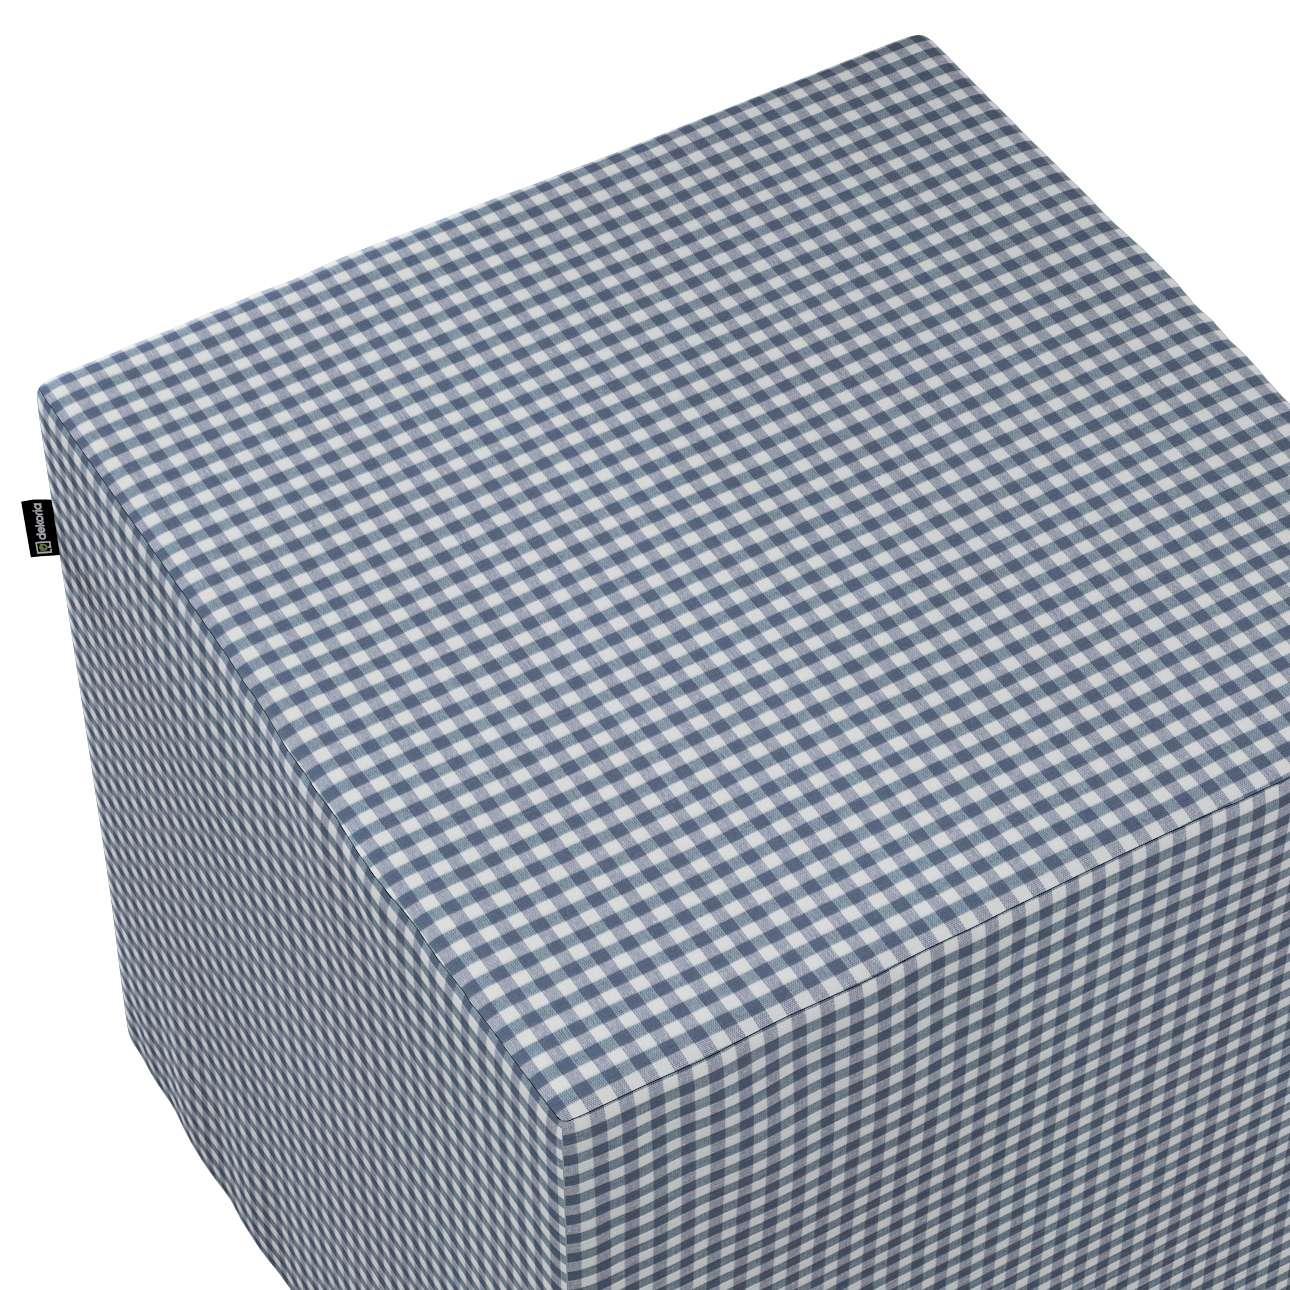 Pokrowiec na pufę kostkę w kolekcji Quadro, tkanina: 136-00